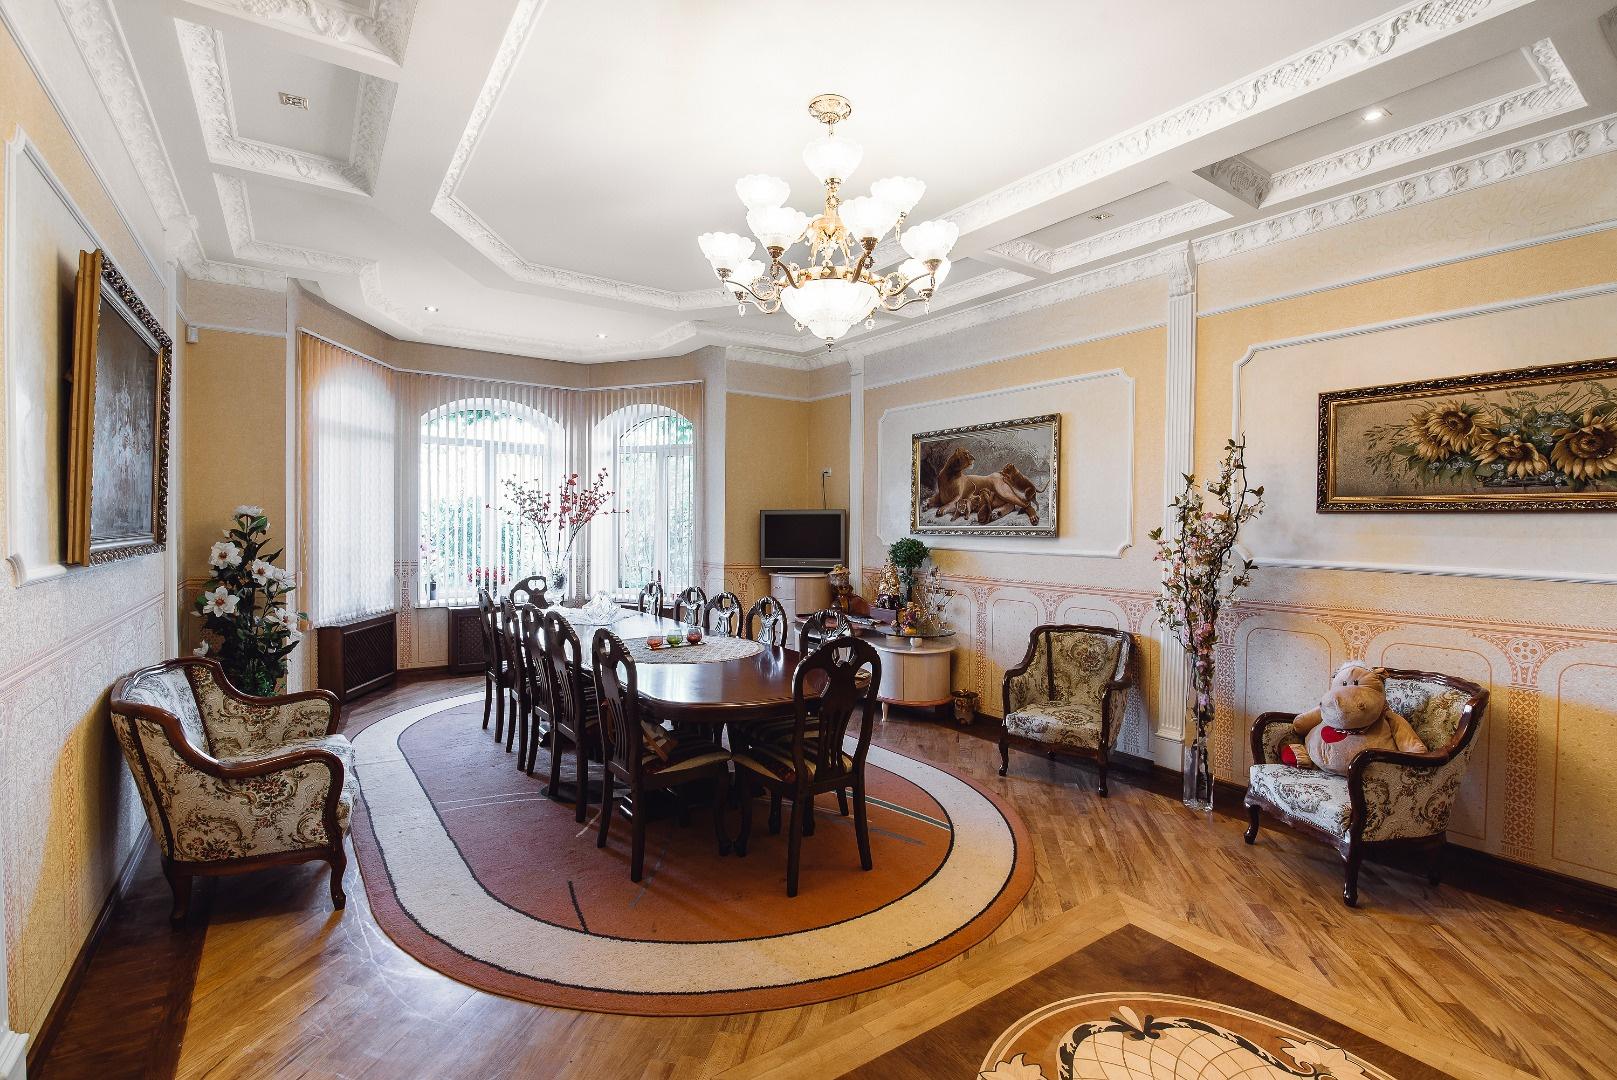 Продается Дом на ул. Аркадиевский Пер. — 1 500 000 у.е. (фото №9)